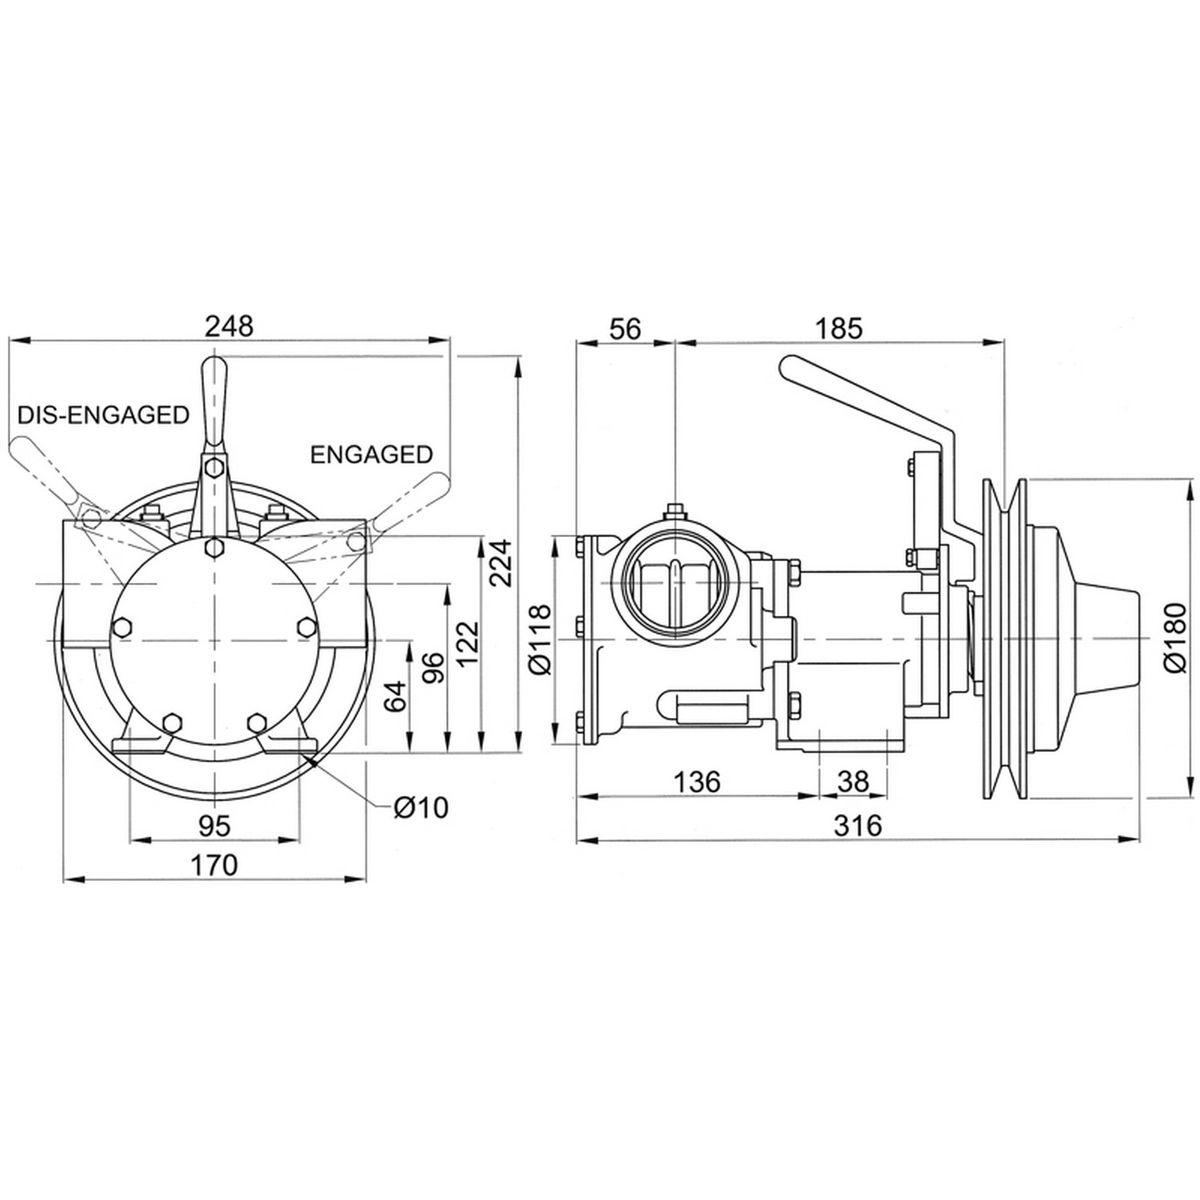 Jabsco 51270-2011 Clutched Pump For Bilge / Deck Wash